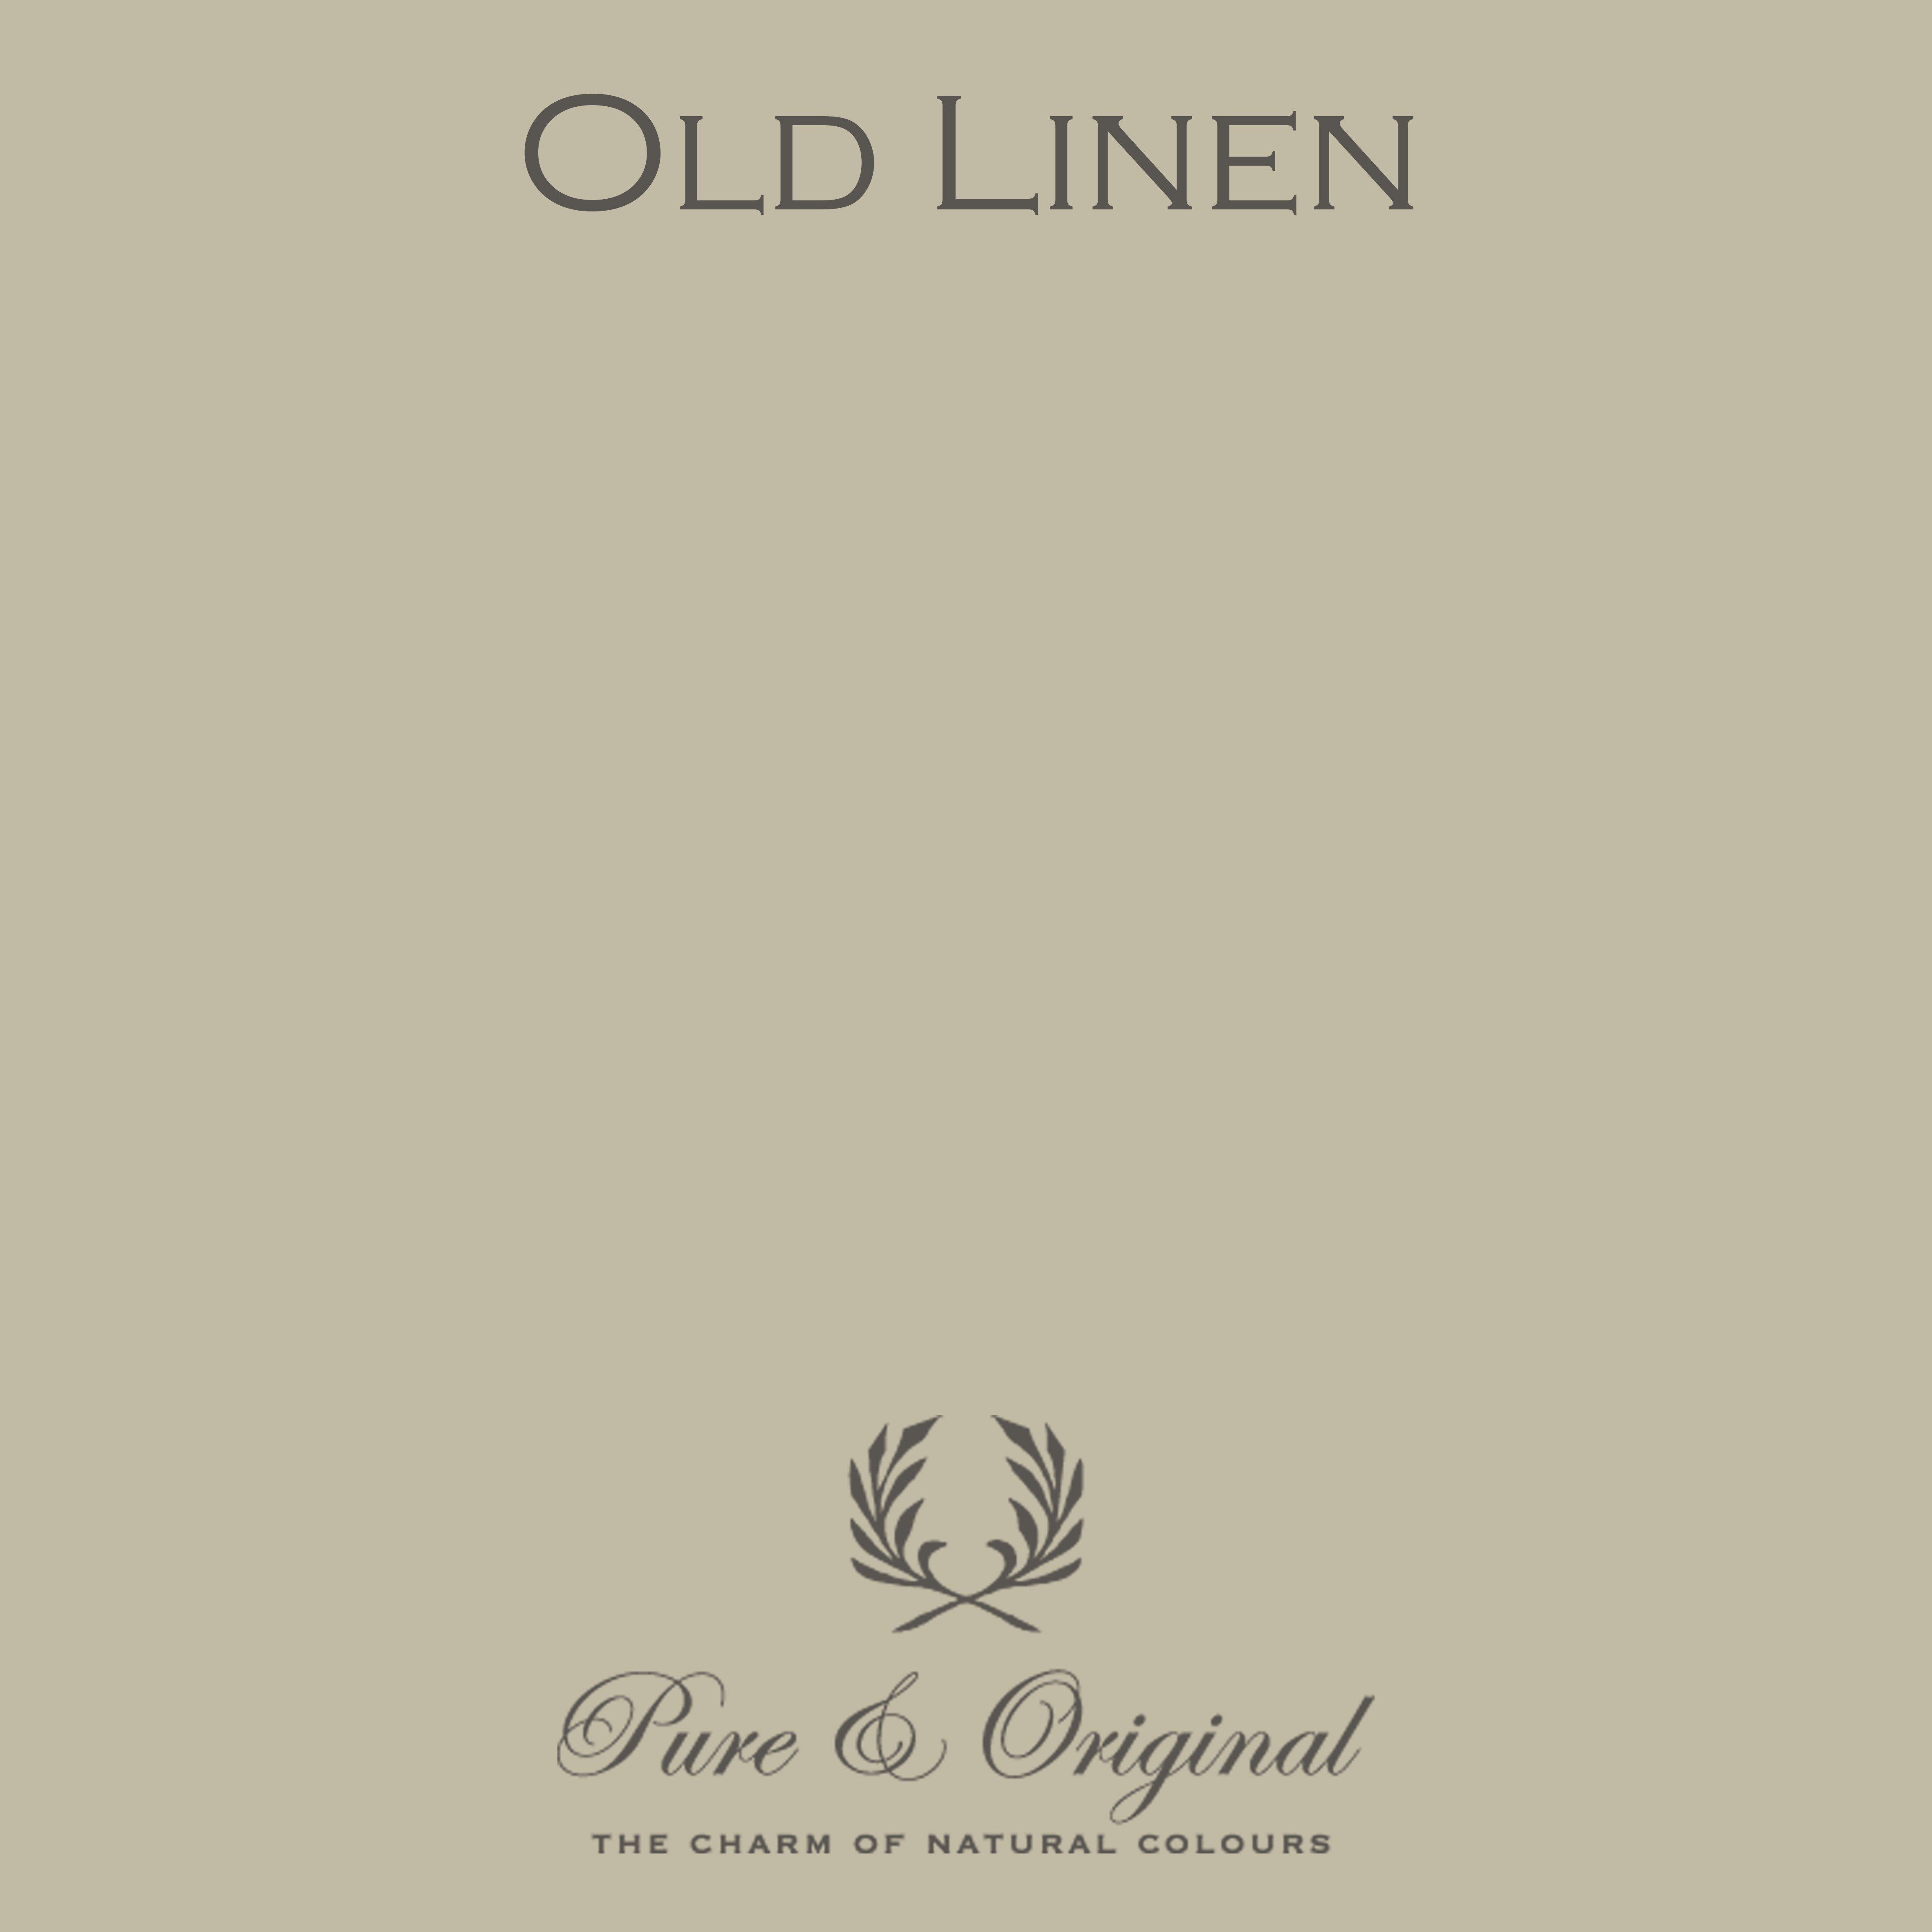 Old Linnen